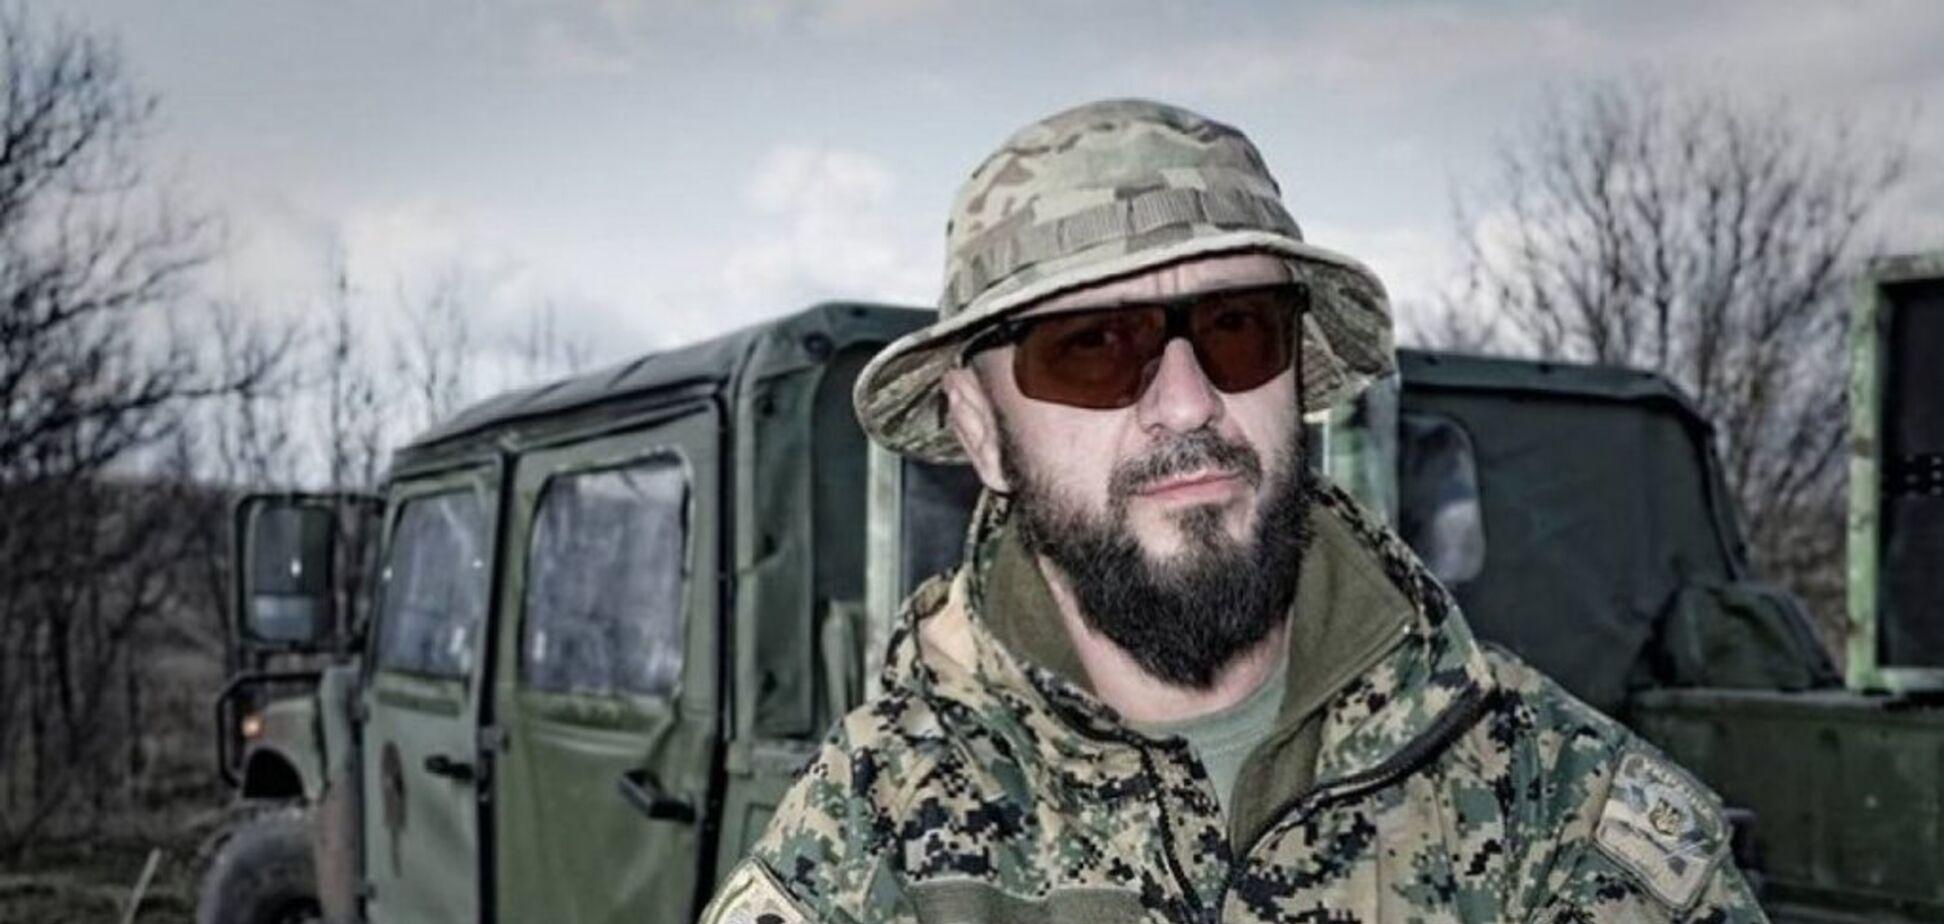 Певец и ветеран АТО: кто такой Андрей Антоненко, подозреваемый в убийстве Шеремета